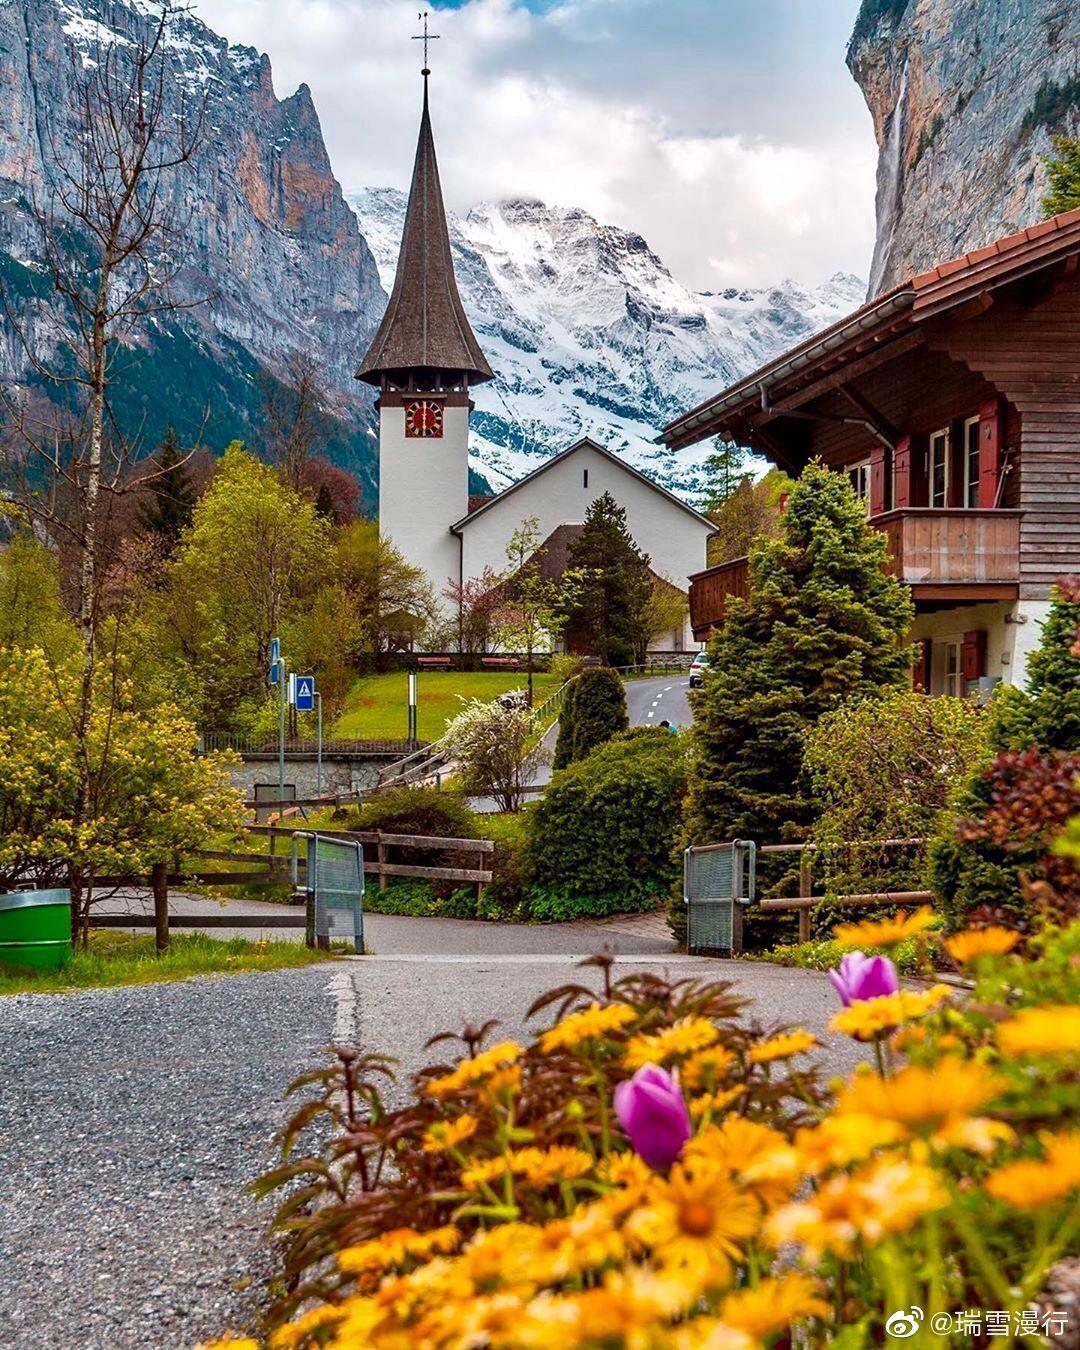 一年四季美如画的瑞士 乡村千万别错过